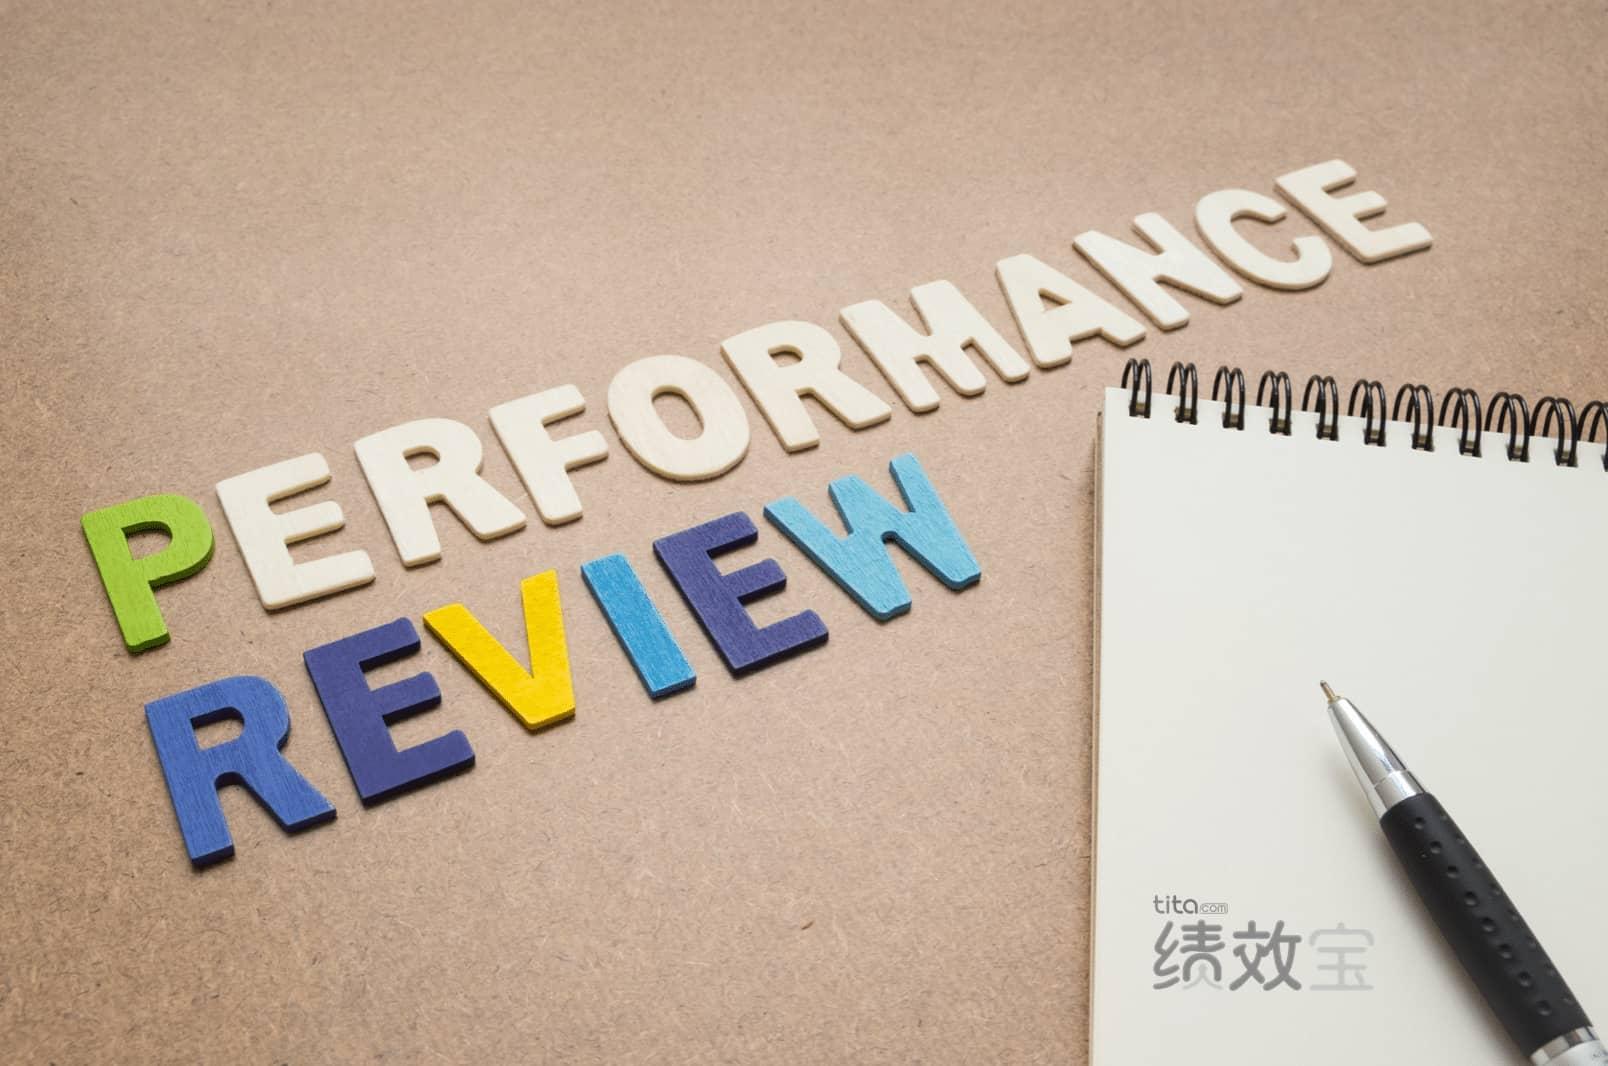 如何在绩效评估中嵌入 OKR